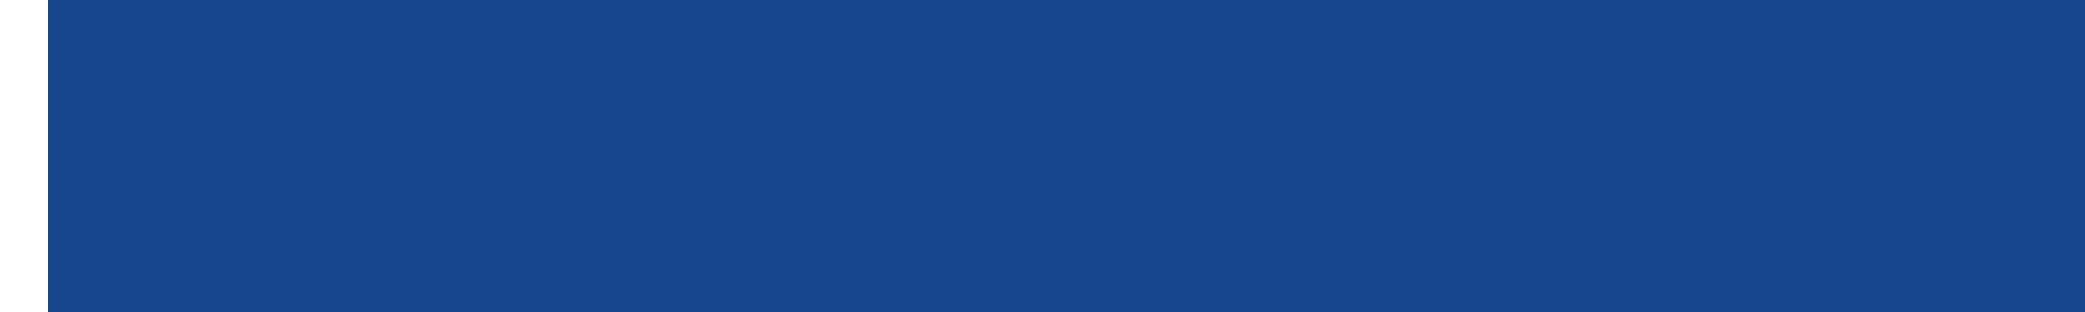 https://pngimg.com/uploads/samsung_logo/samsung_logo_PNG4.png